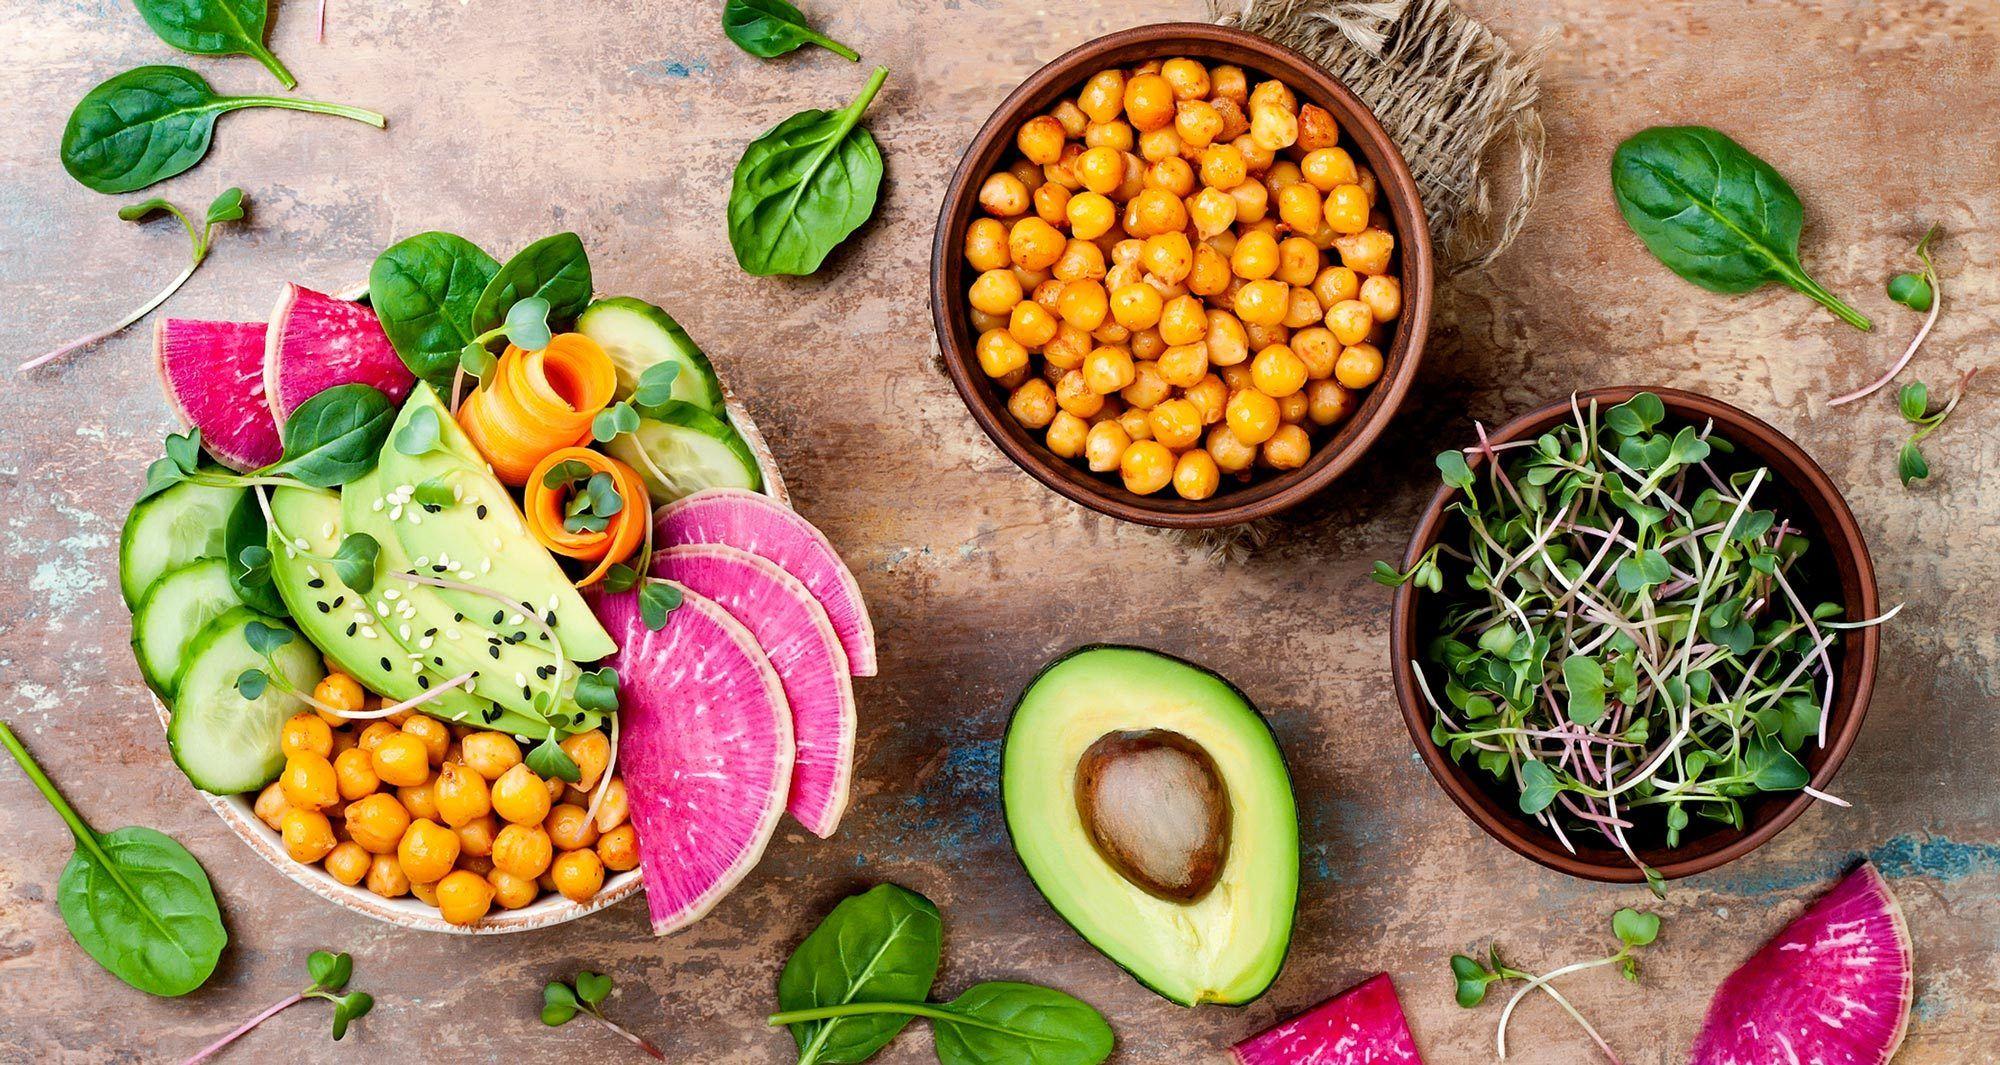 Top Nutrient Sources for Vegans